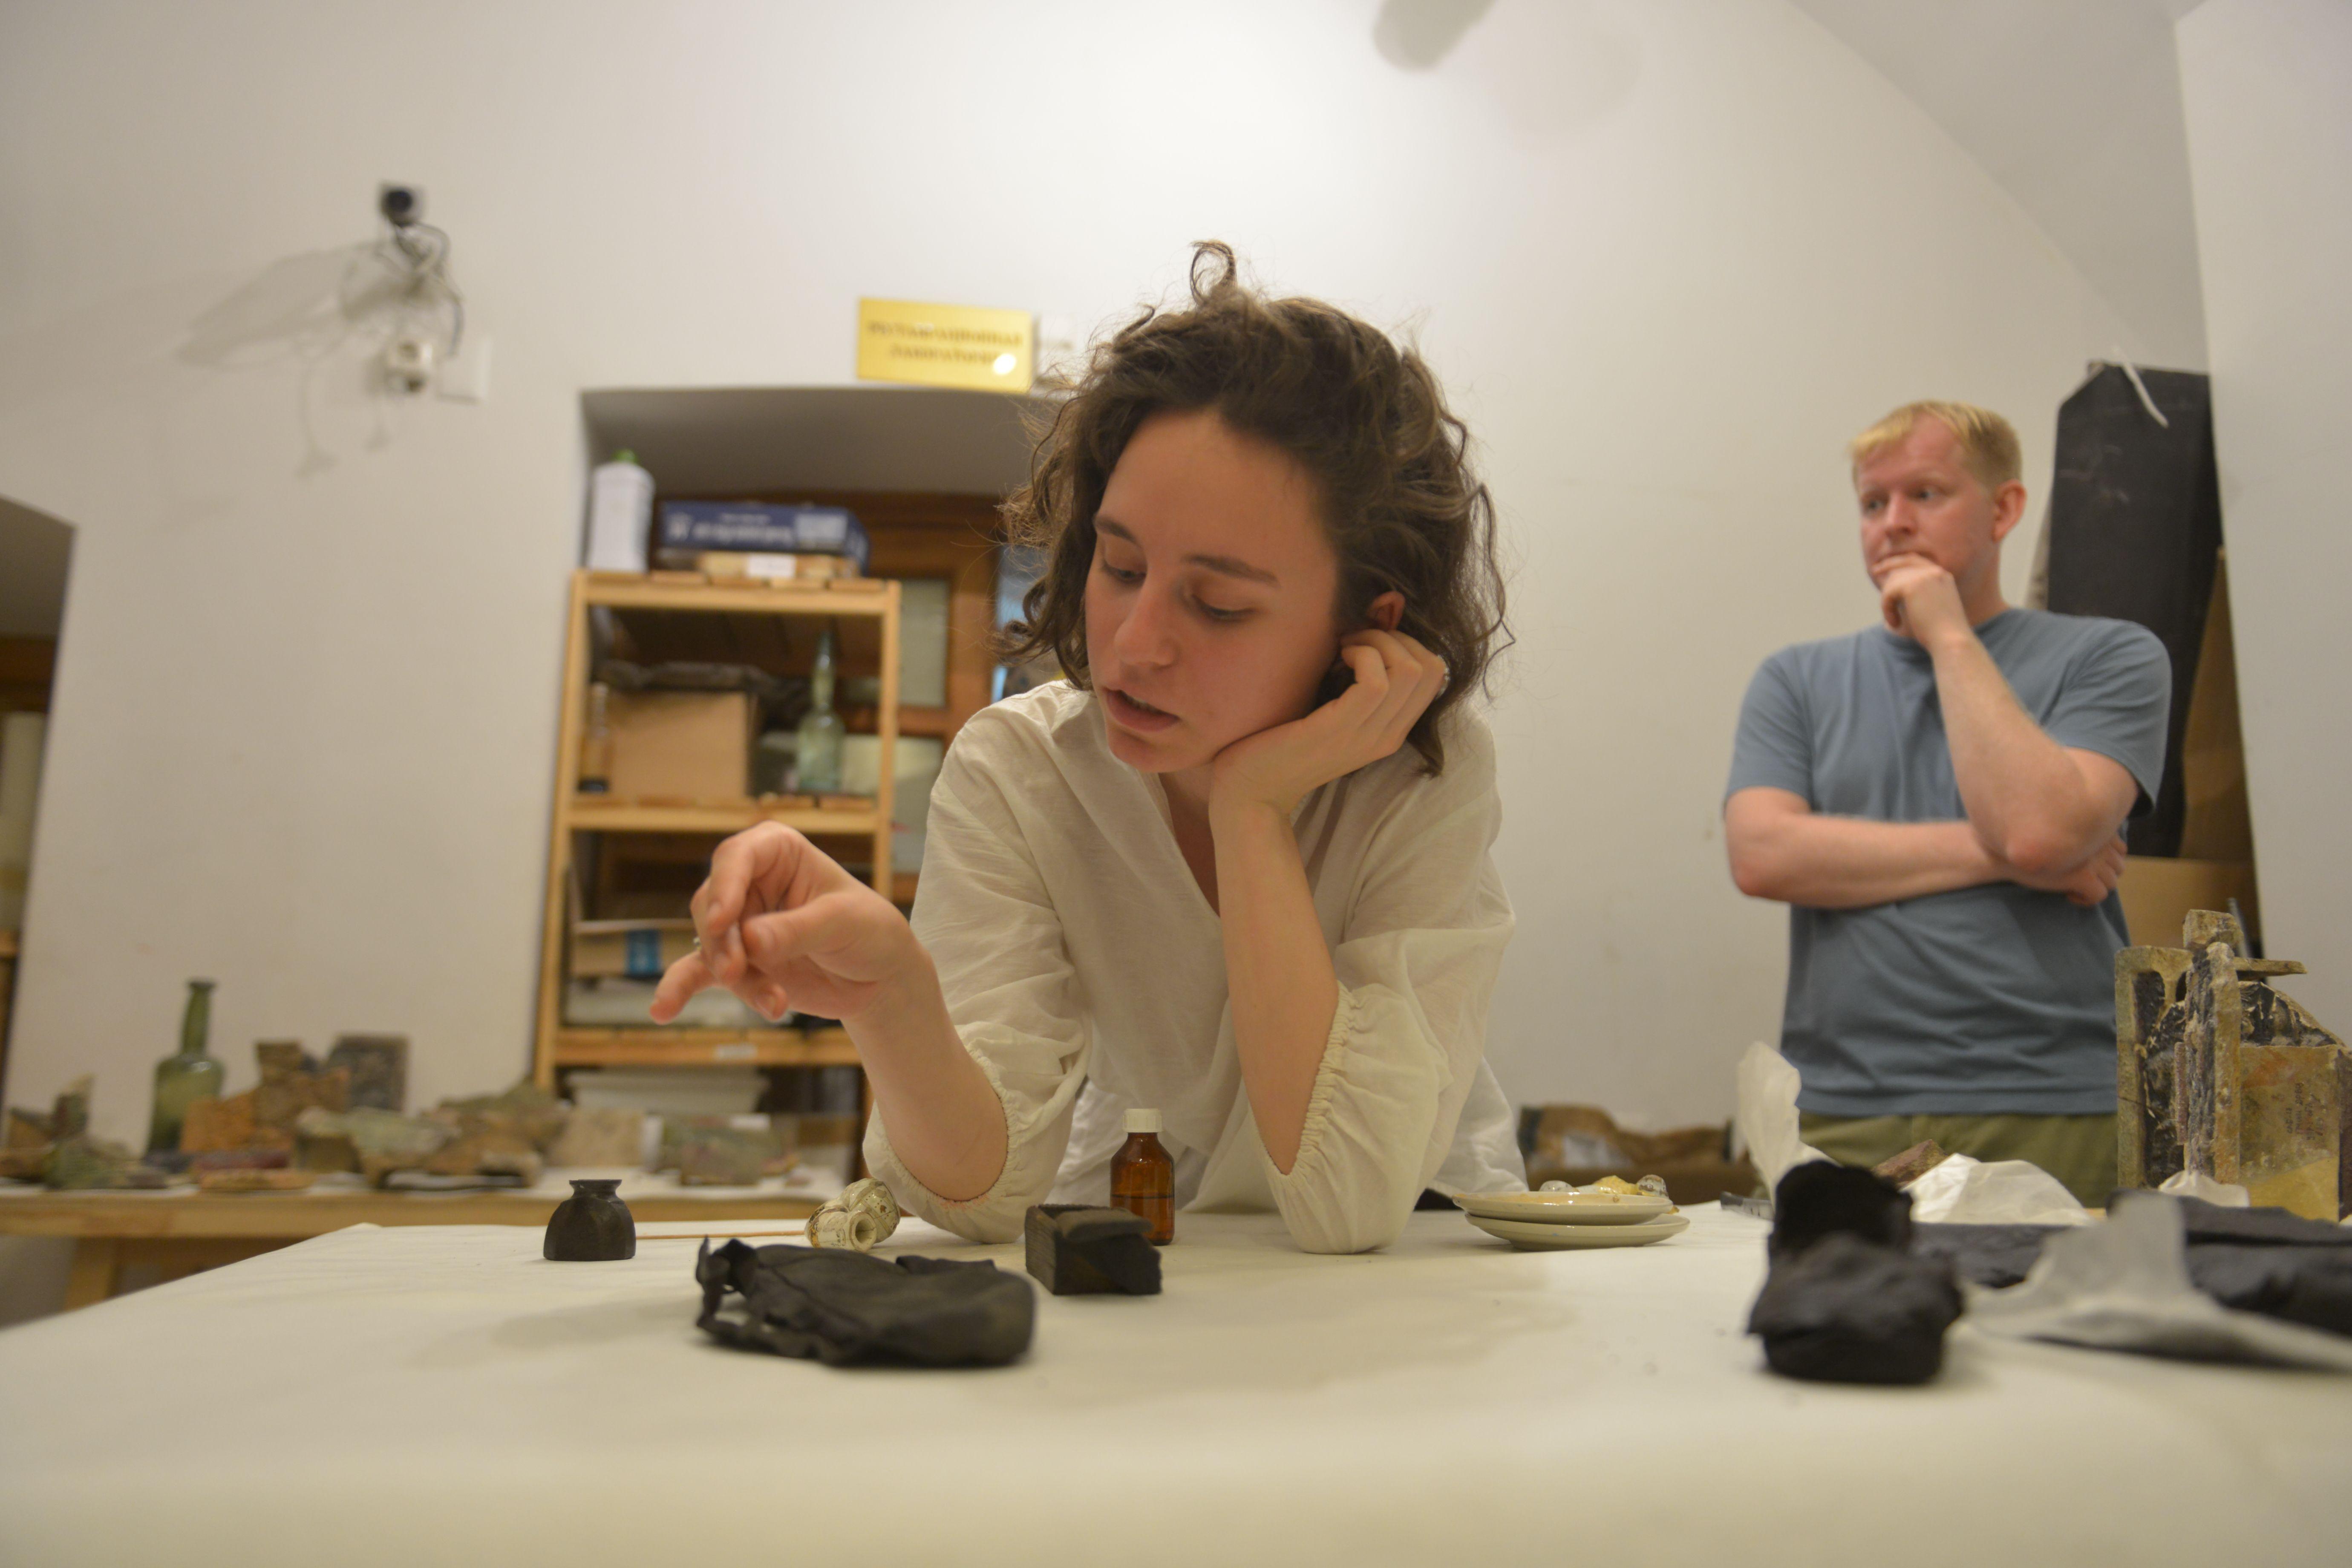 Московские археологи раскопали литейную мастерскую XVII века